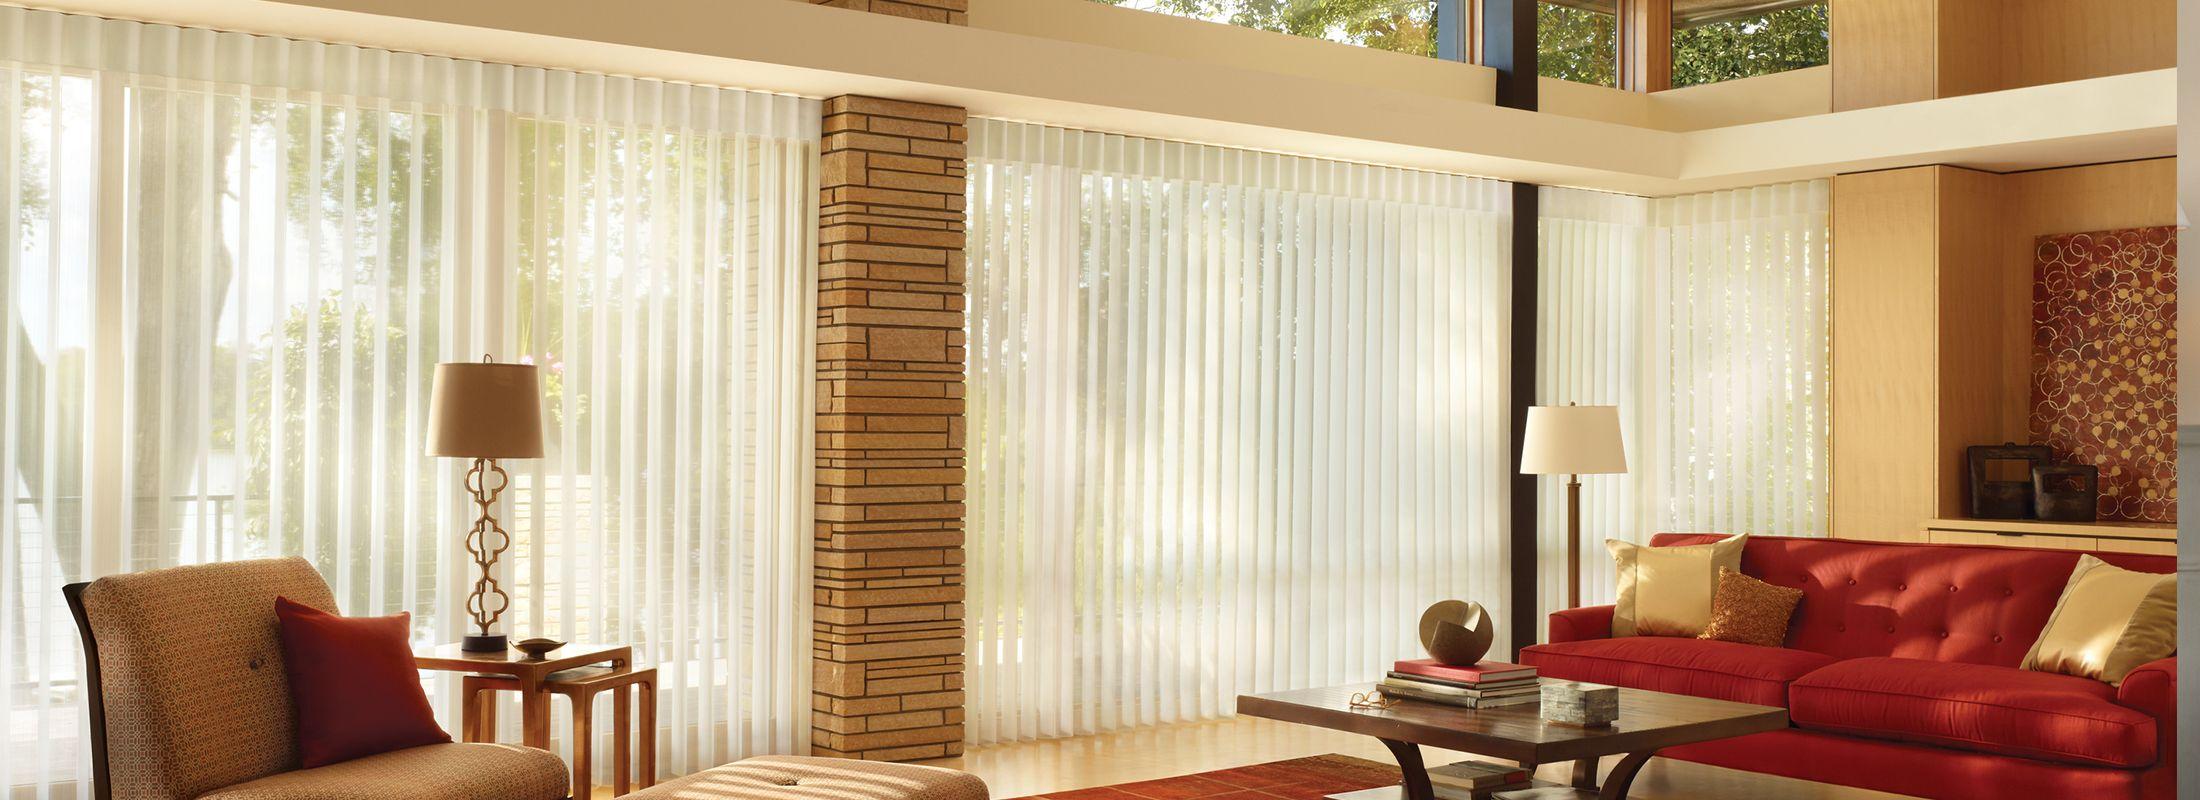 privacy-blinds-luminette-carousel-01_0.jpg